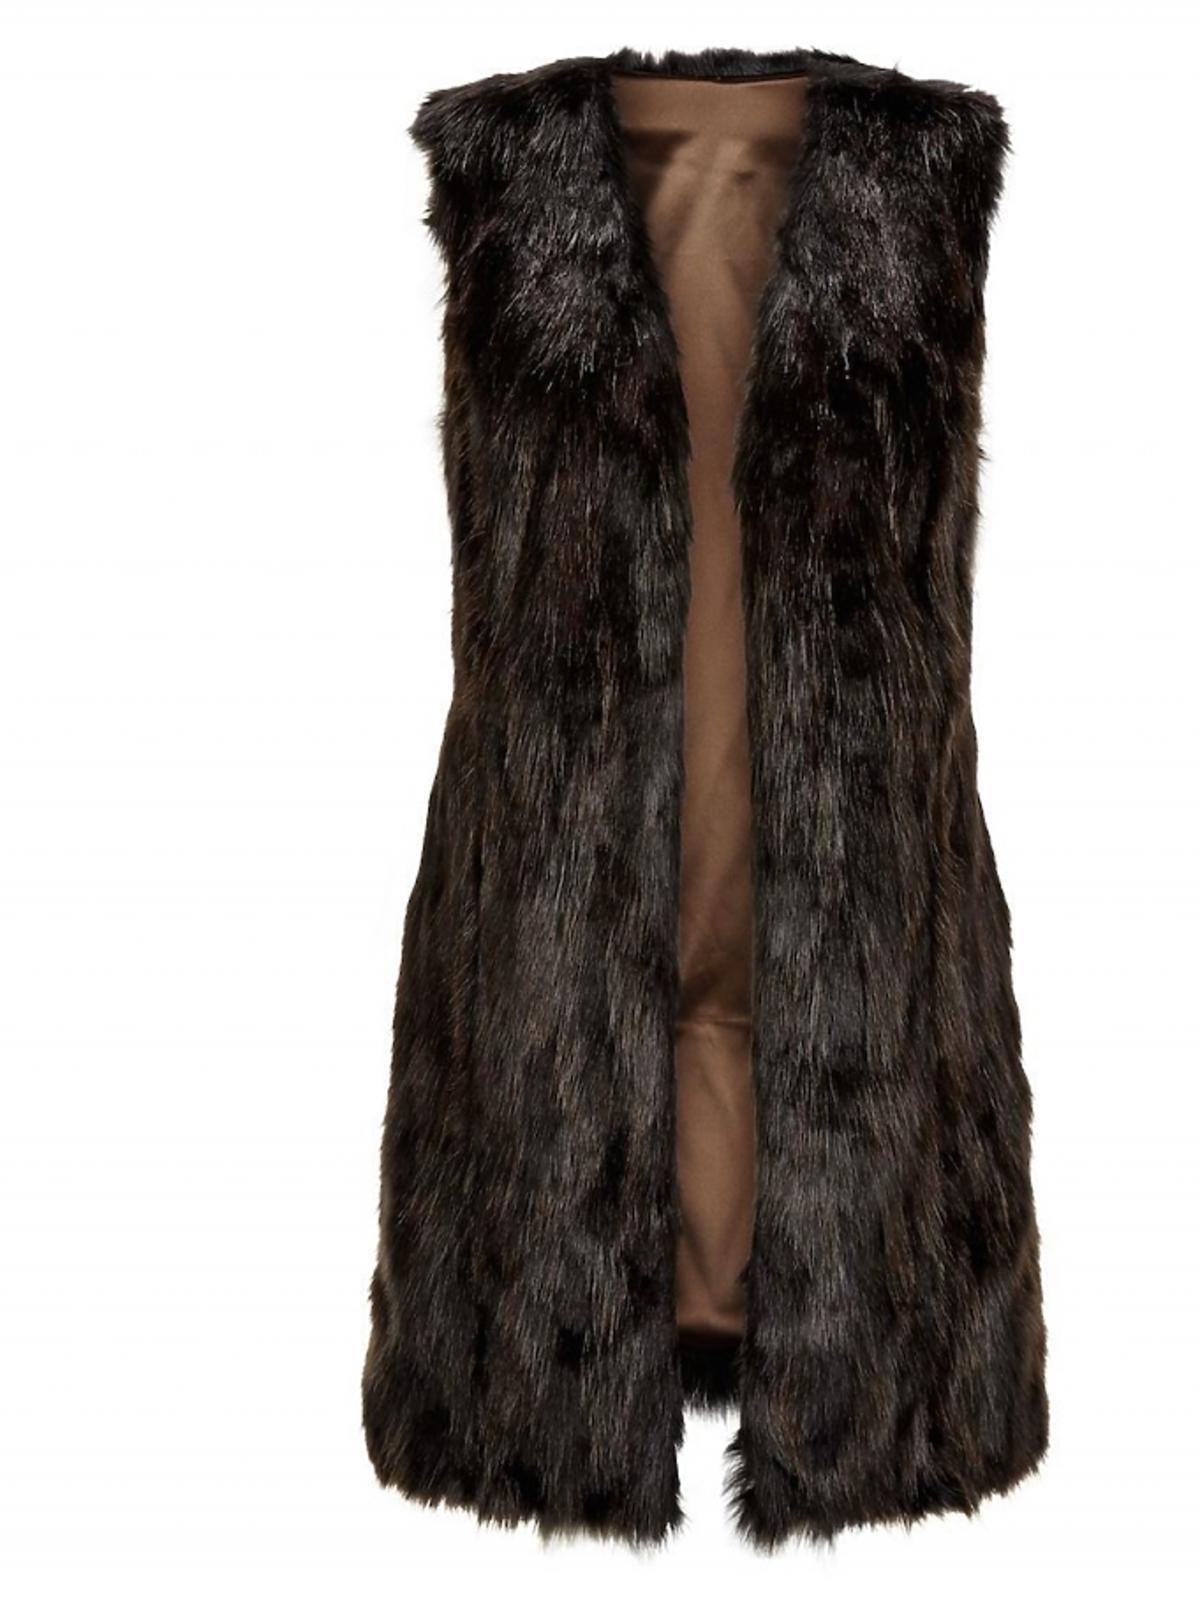 Futrzana kamizelka w czarnym kolorze